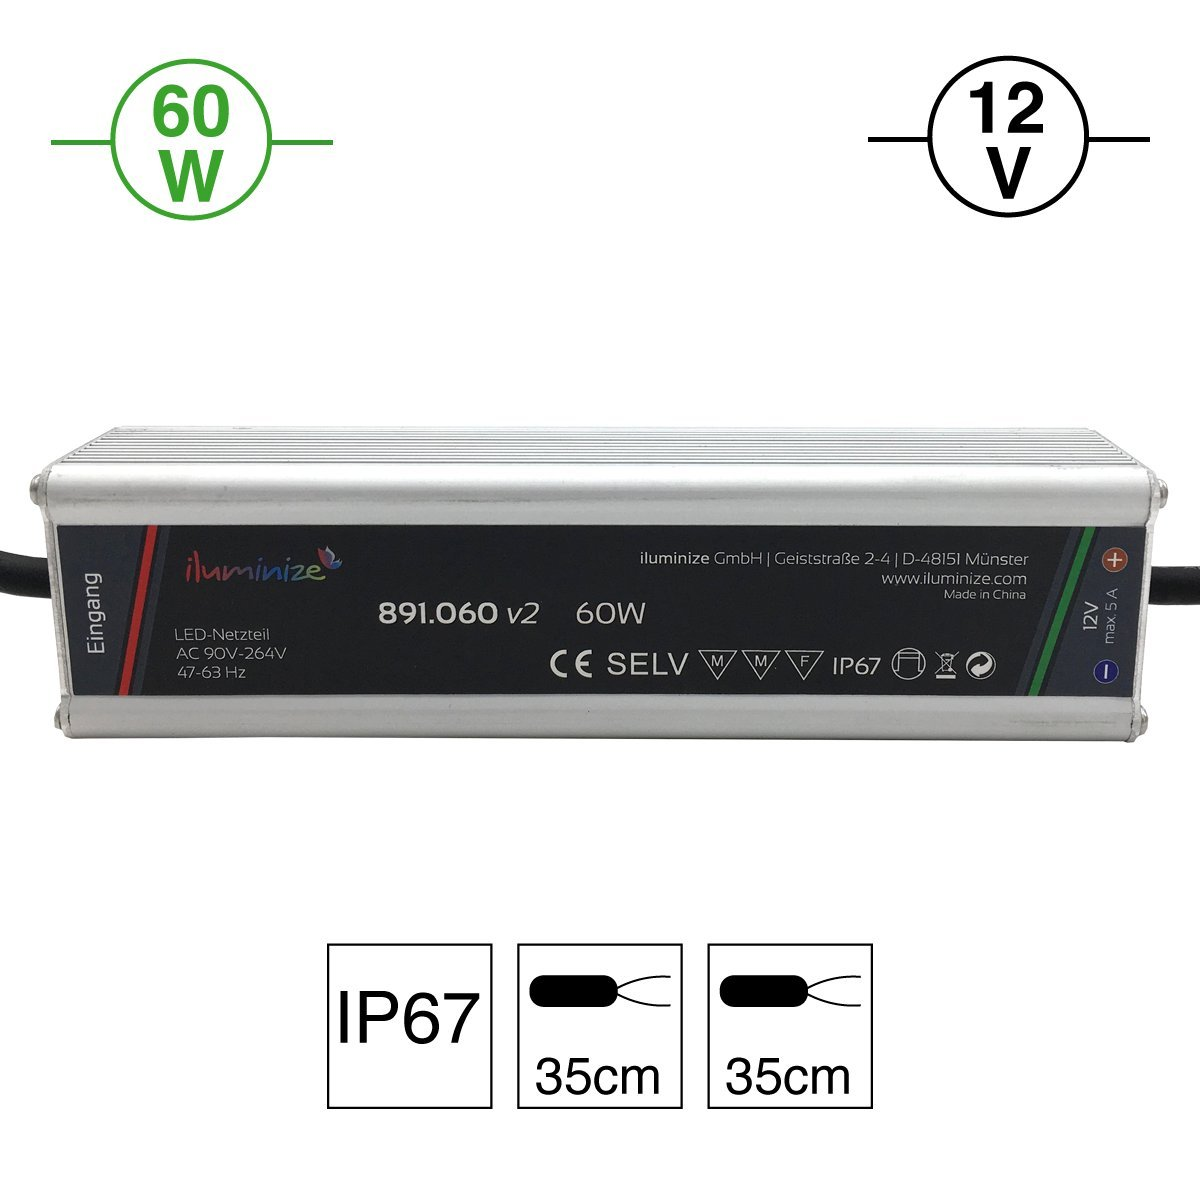 60W laststabil iluminize LED-Netzteil: hochwertiges /& leistungsstarkes LED-Netzteil Aluminium 12V 12V 60W Anschlusskabel 35cm ohne Stecker IP67